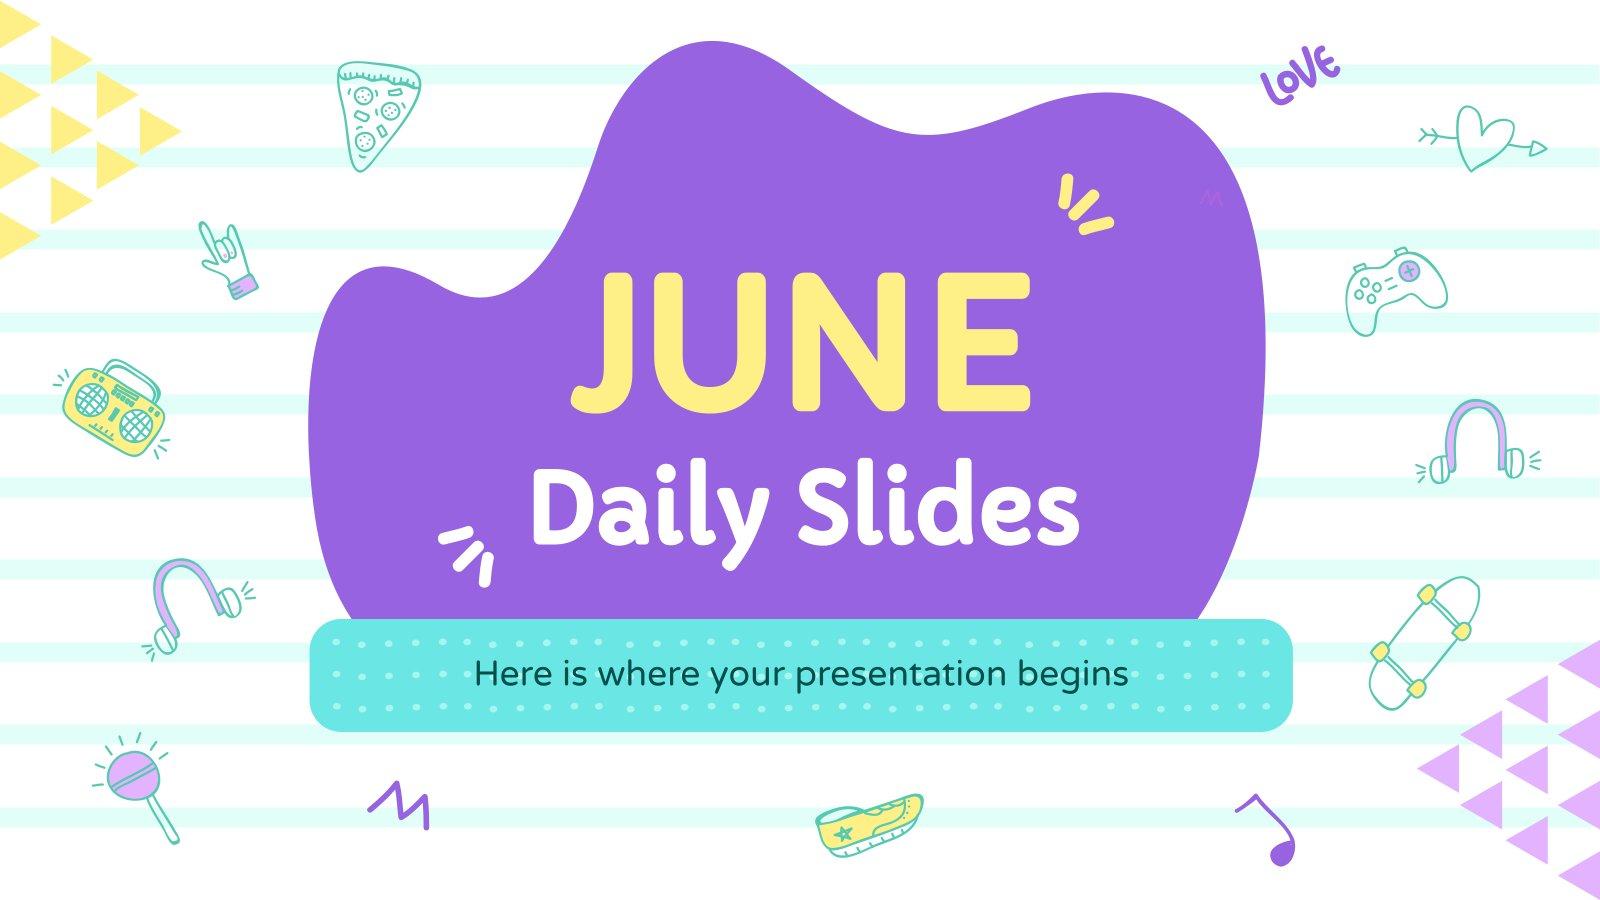 Modelo de apresentação Slides diários de junho